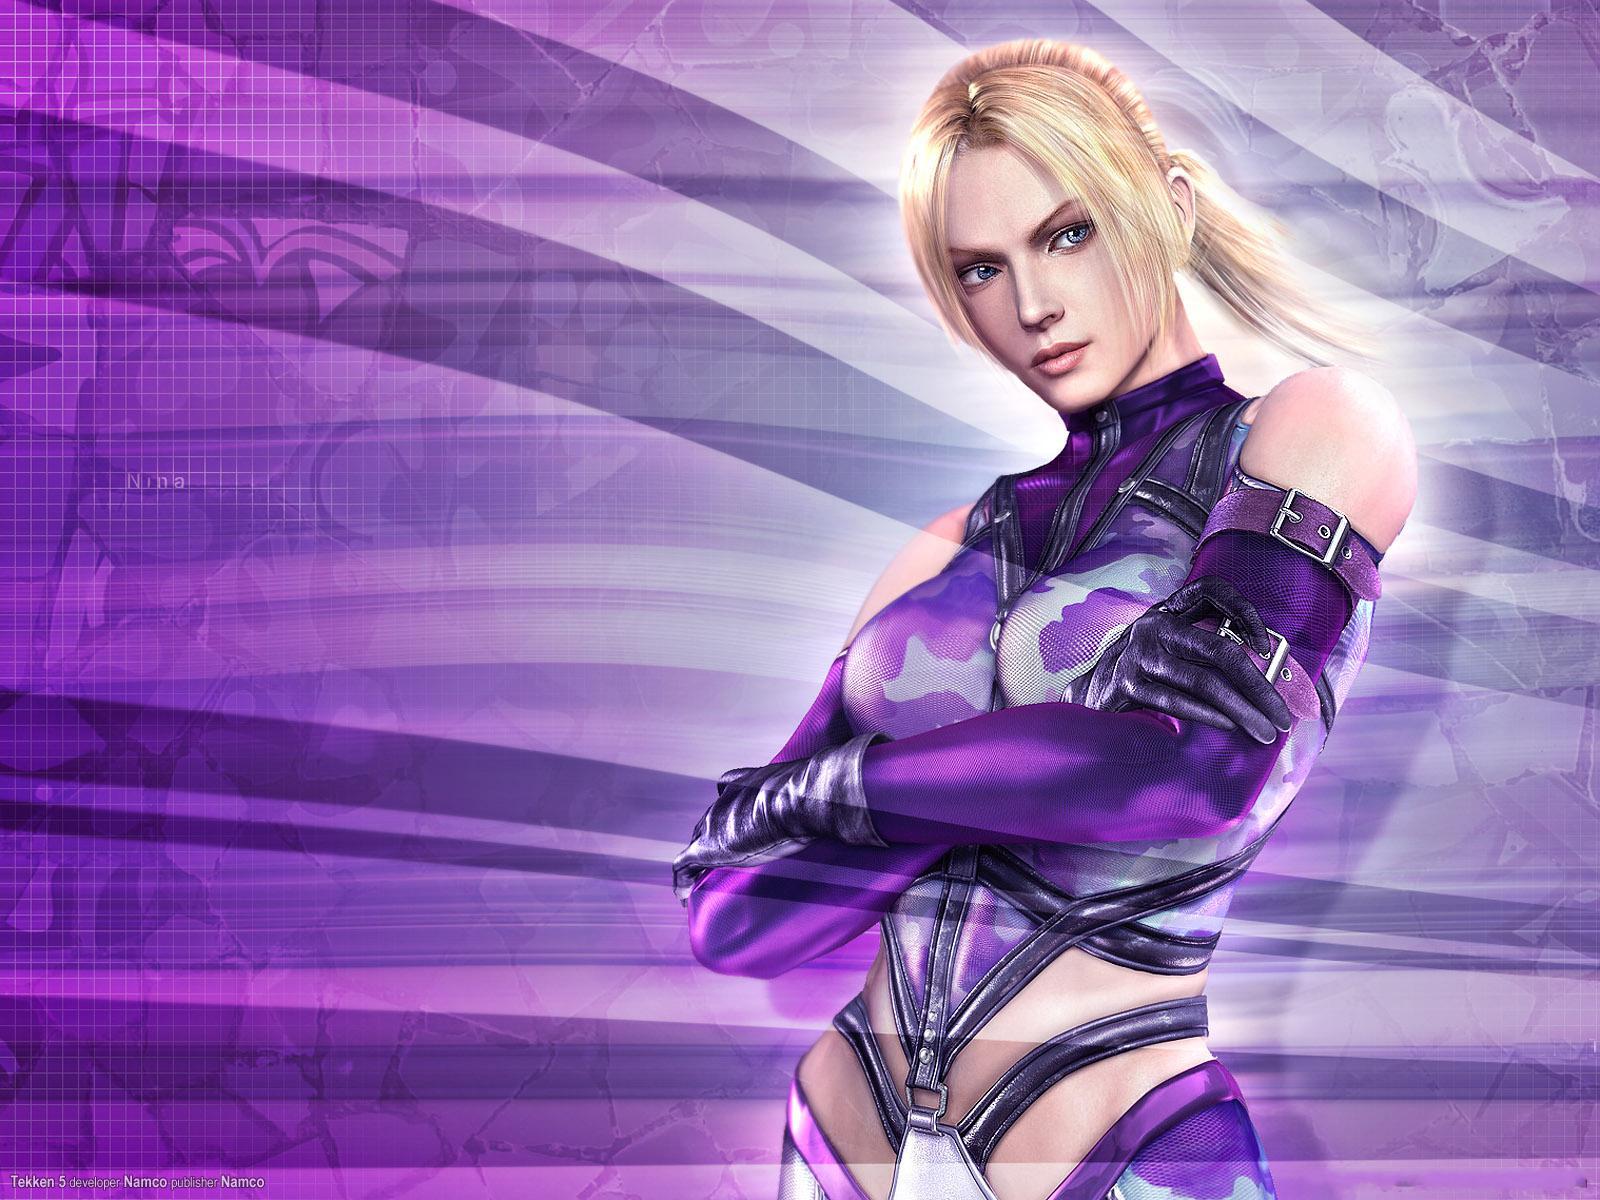 http://4.bp.blogspot.com/-q7MRMw4UlGc/TfDwyGQmDHI/AAAAAAAAAX0/kVbr4BHyMlc/s1600/Tekken-5-Nina-Williams-896.jpg